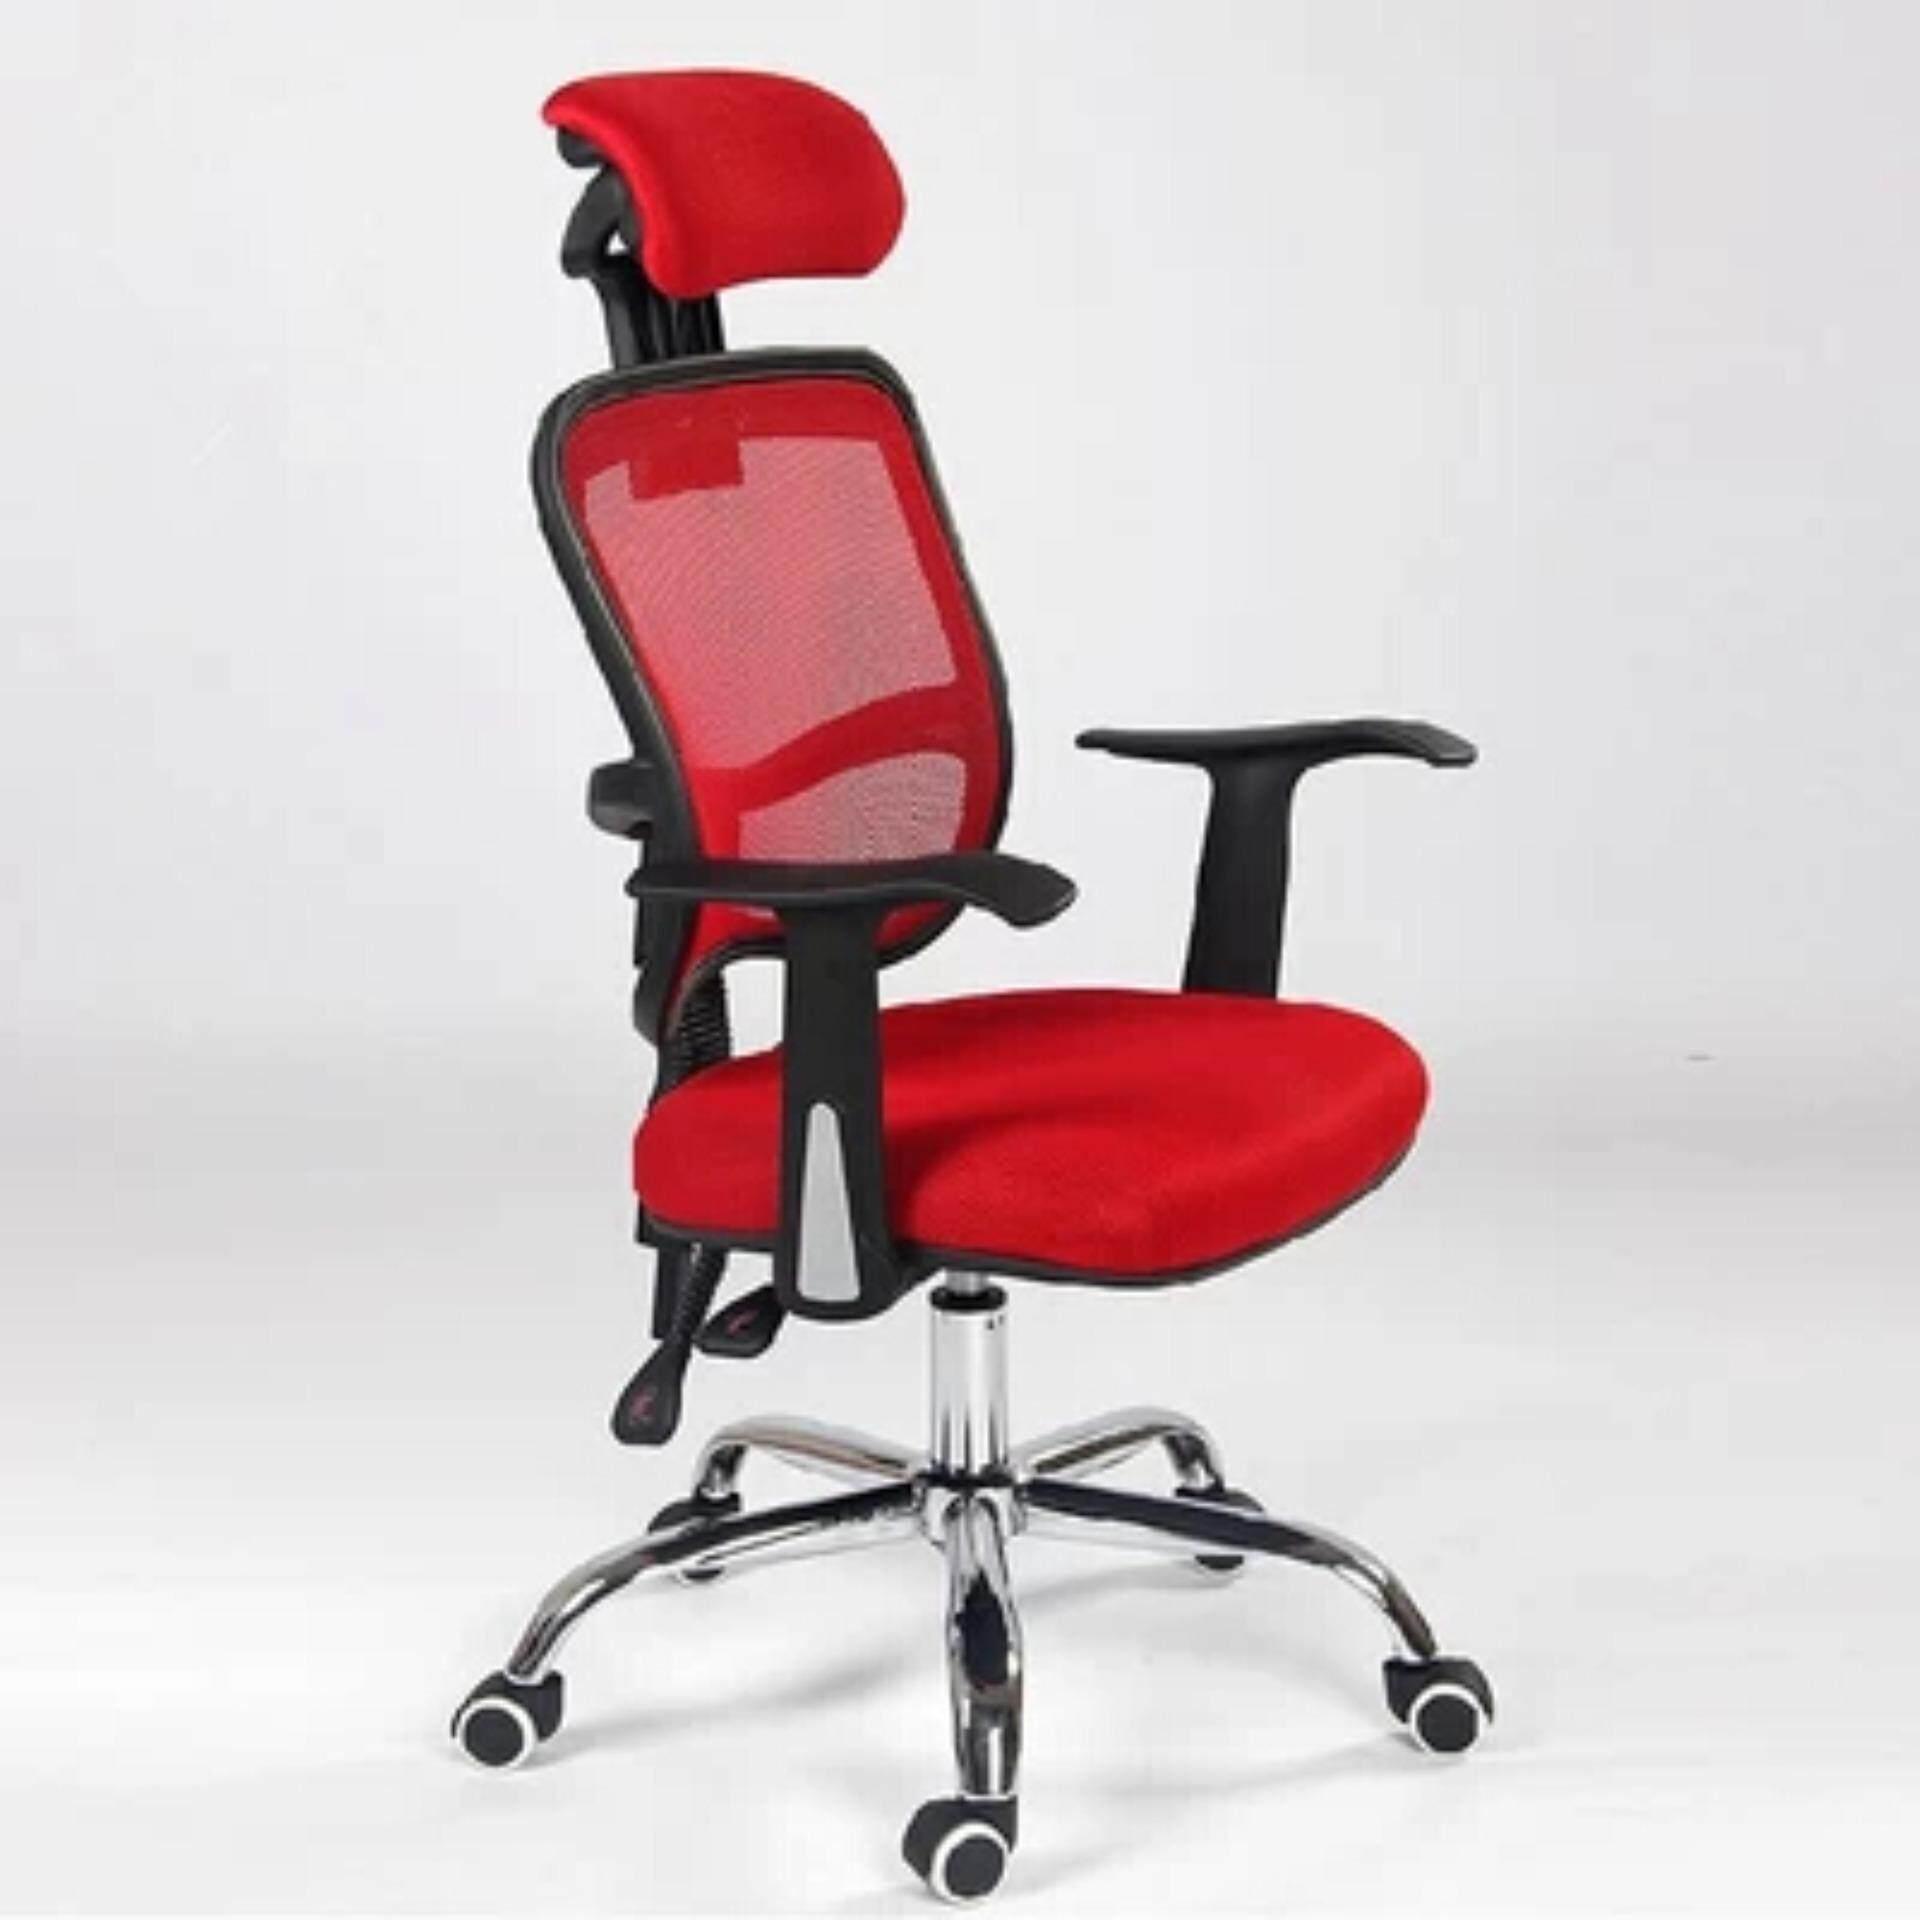 การใช้งาน  เก้าอี้นั่งทำงาน เก้าอี้สำนักงาน โฮมออฟฟิศ - รุ่น C  (Rad) Gaming chair Office Chair เก้าอี้ทำงาน เก้าอี้สุขภาพ เก้าอี้คอม เก้าอี้เกม เก้าอี้คอมนั่งสบาย เก้าอี้สำนักงาน เก้าอี้ผู้บริหาร เก้าอี้ทำงาน เฟอร์นิเจอร์สำนักงาน โฮมออฟฟิศ เก้าอี้ประชุม